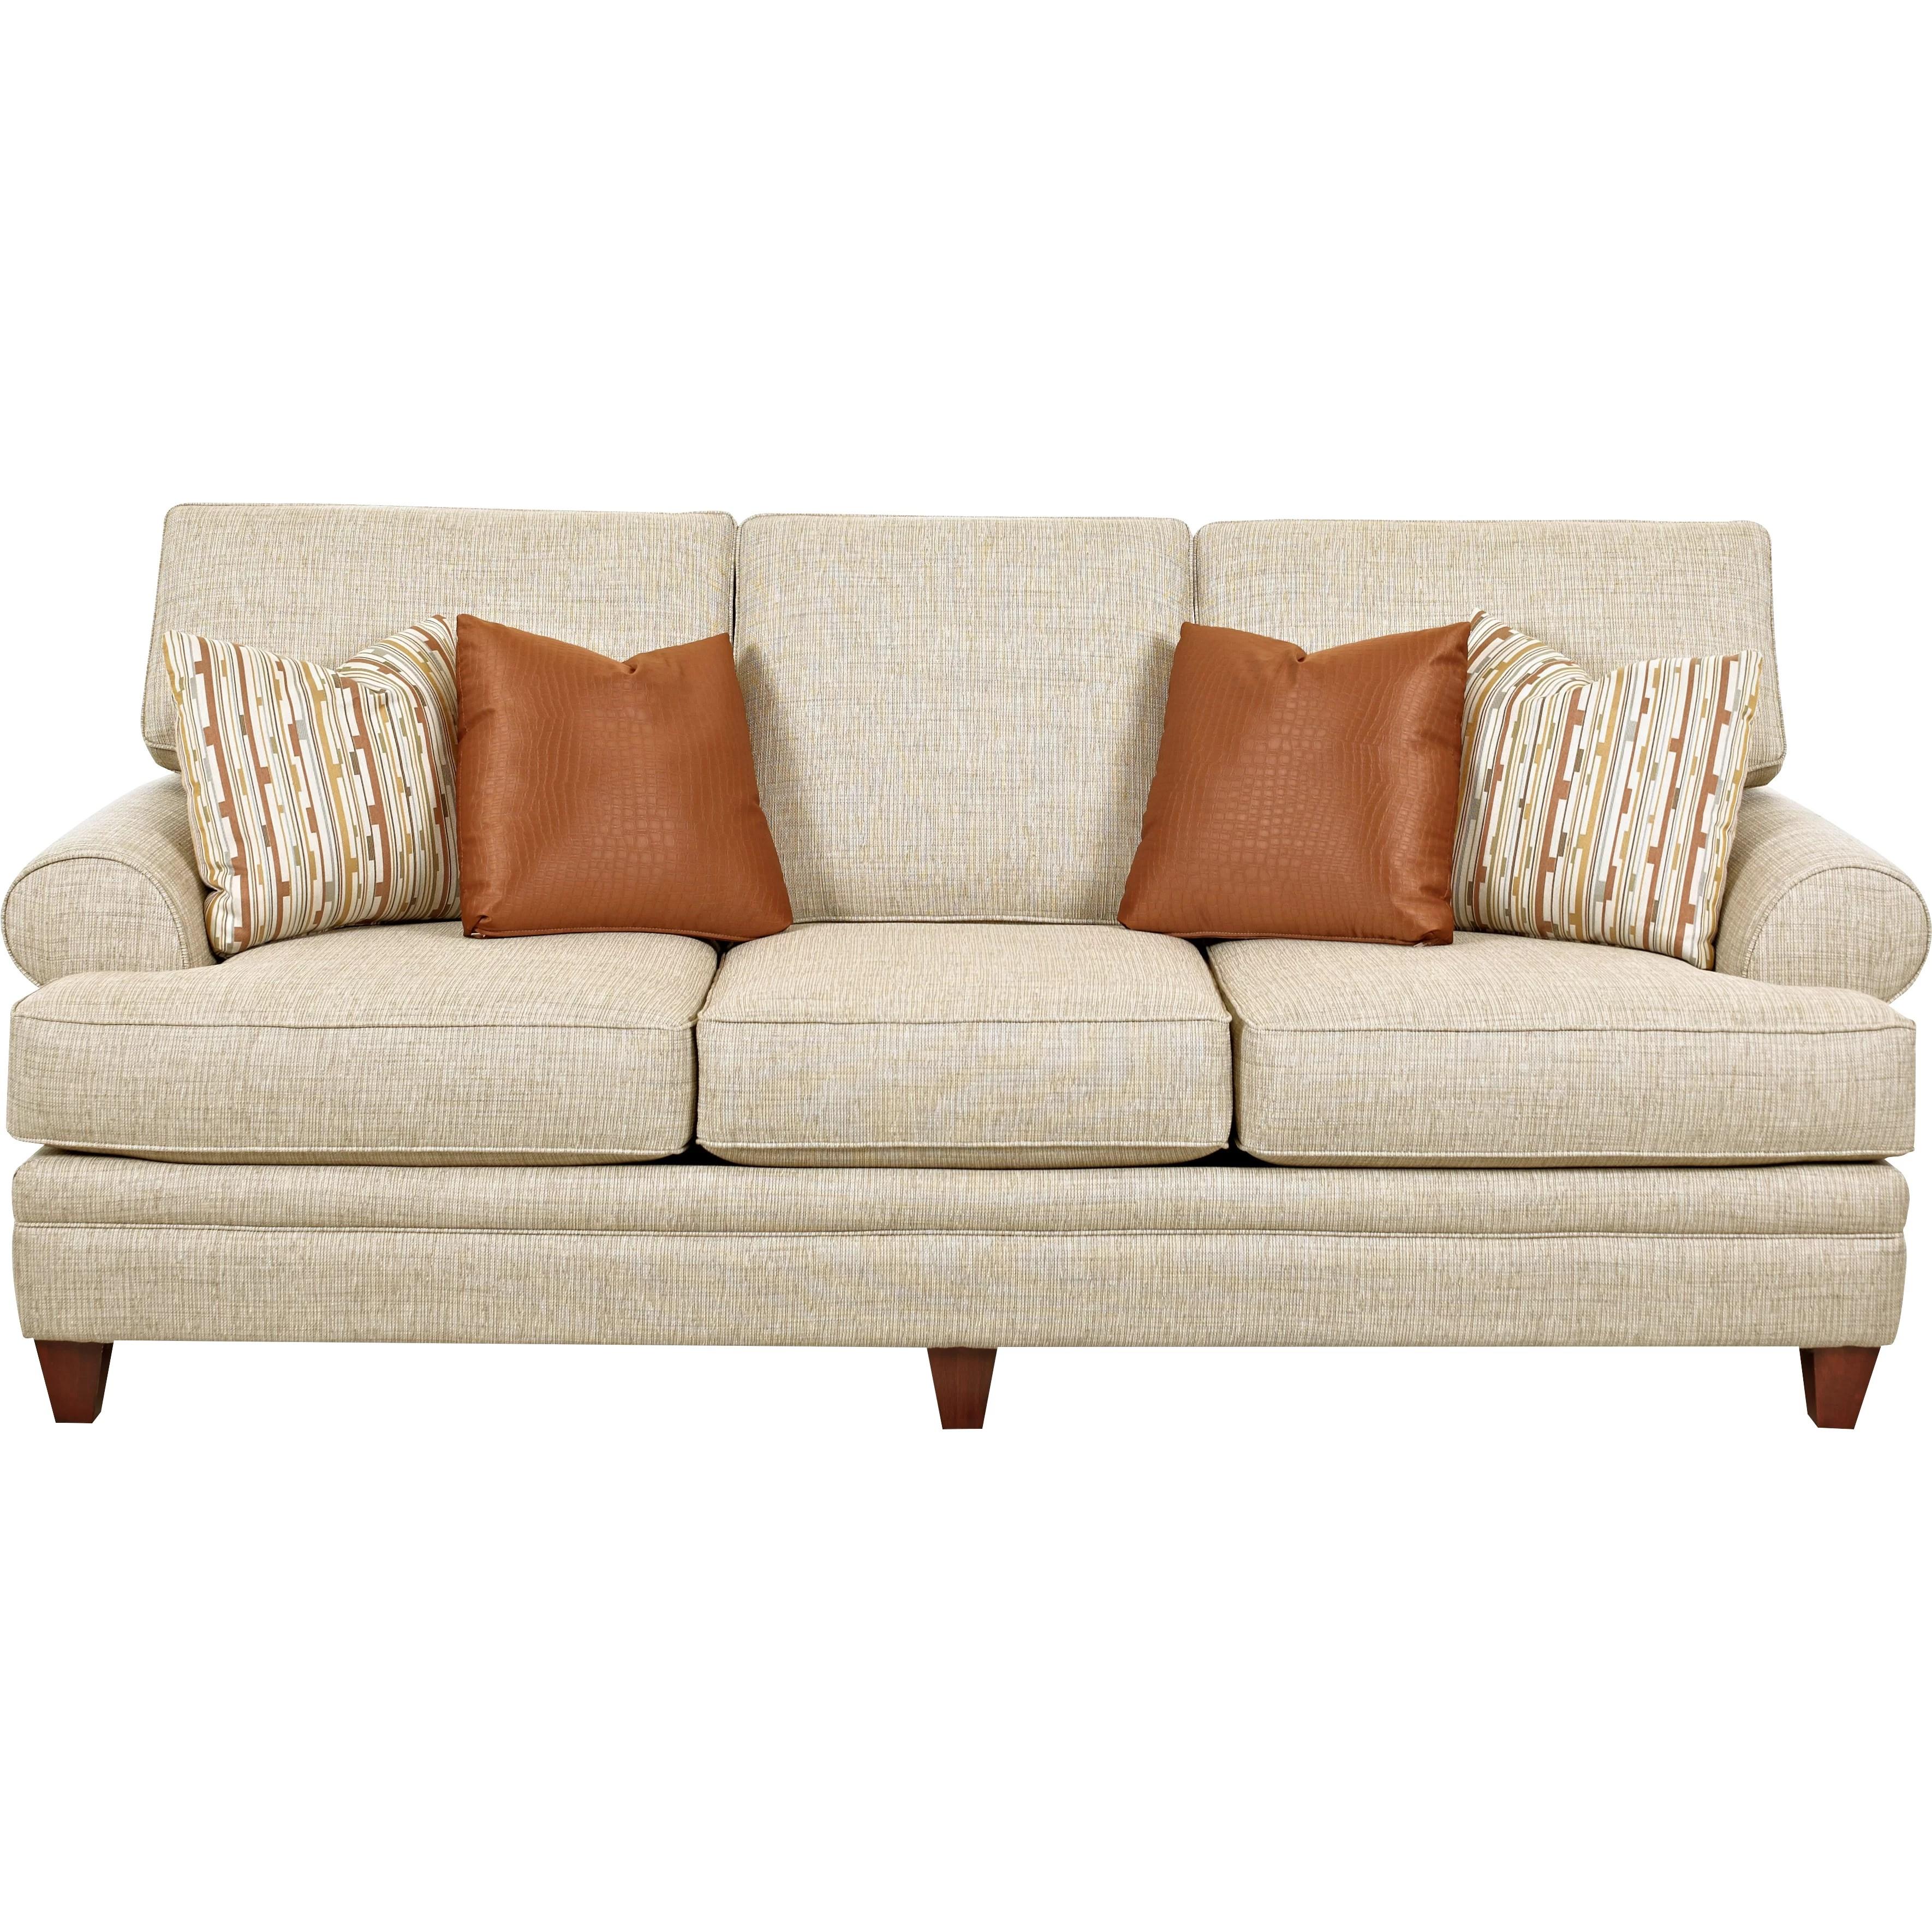 clayton sofa ashford leather next klaussner furniture wayfair